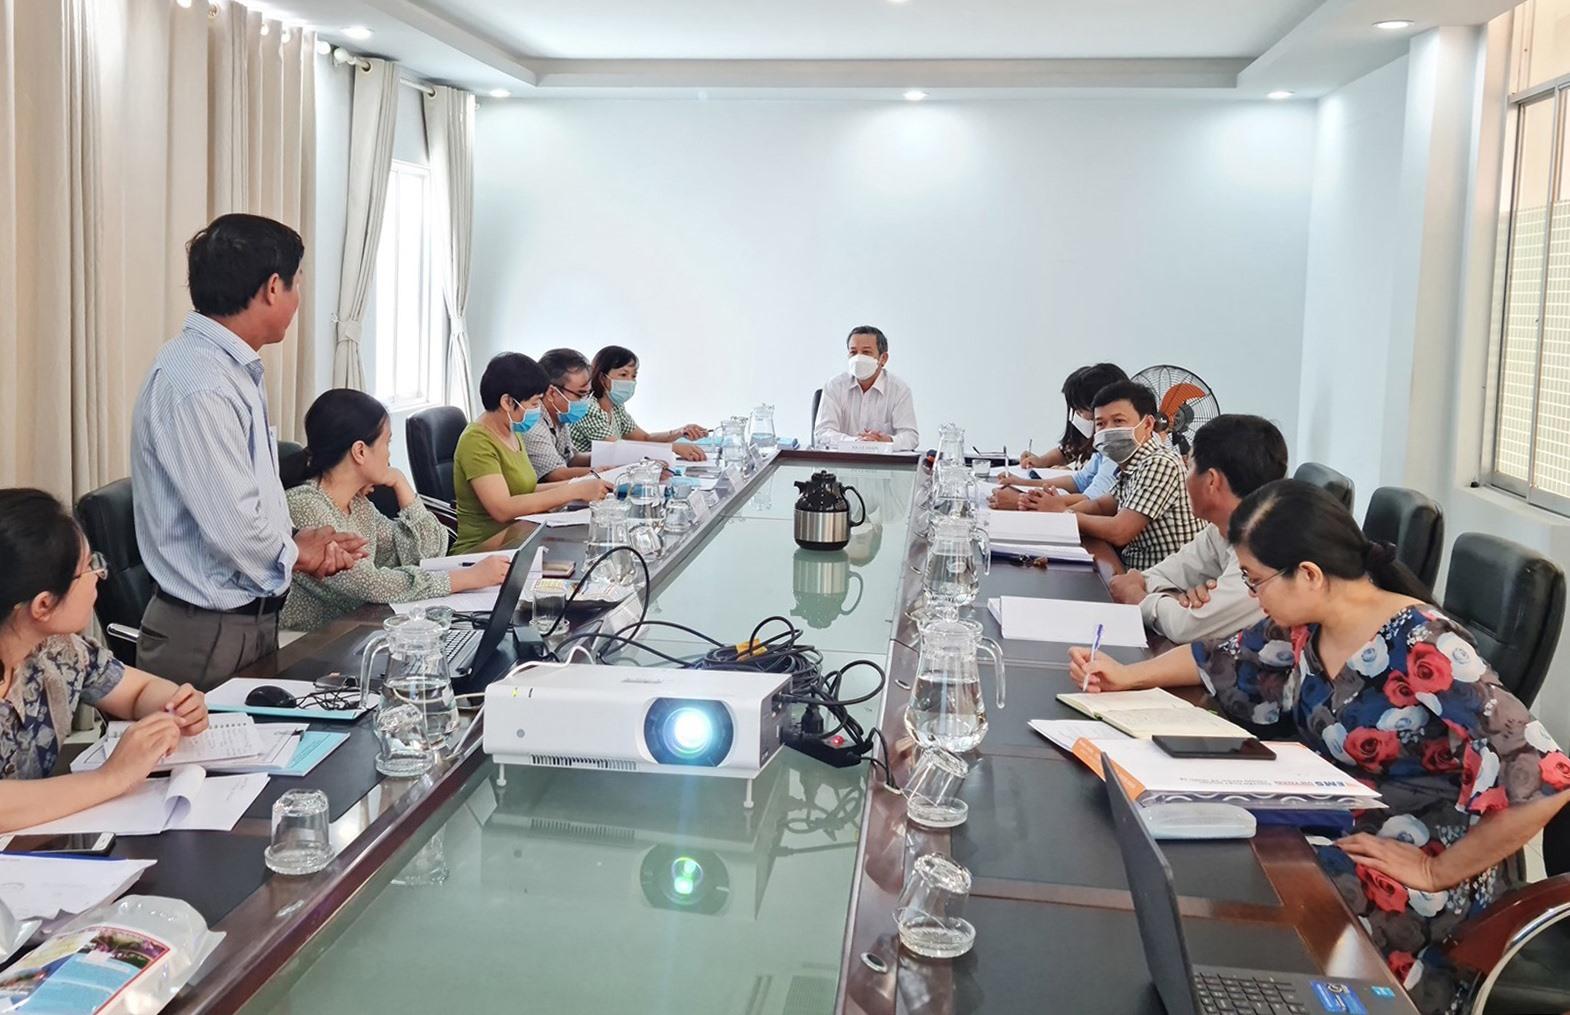 Quang cảnh buổi nghiệm thu dự án tại Sở KH&CN. Ảnh: H.LIÊN